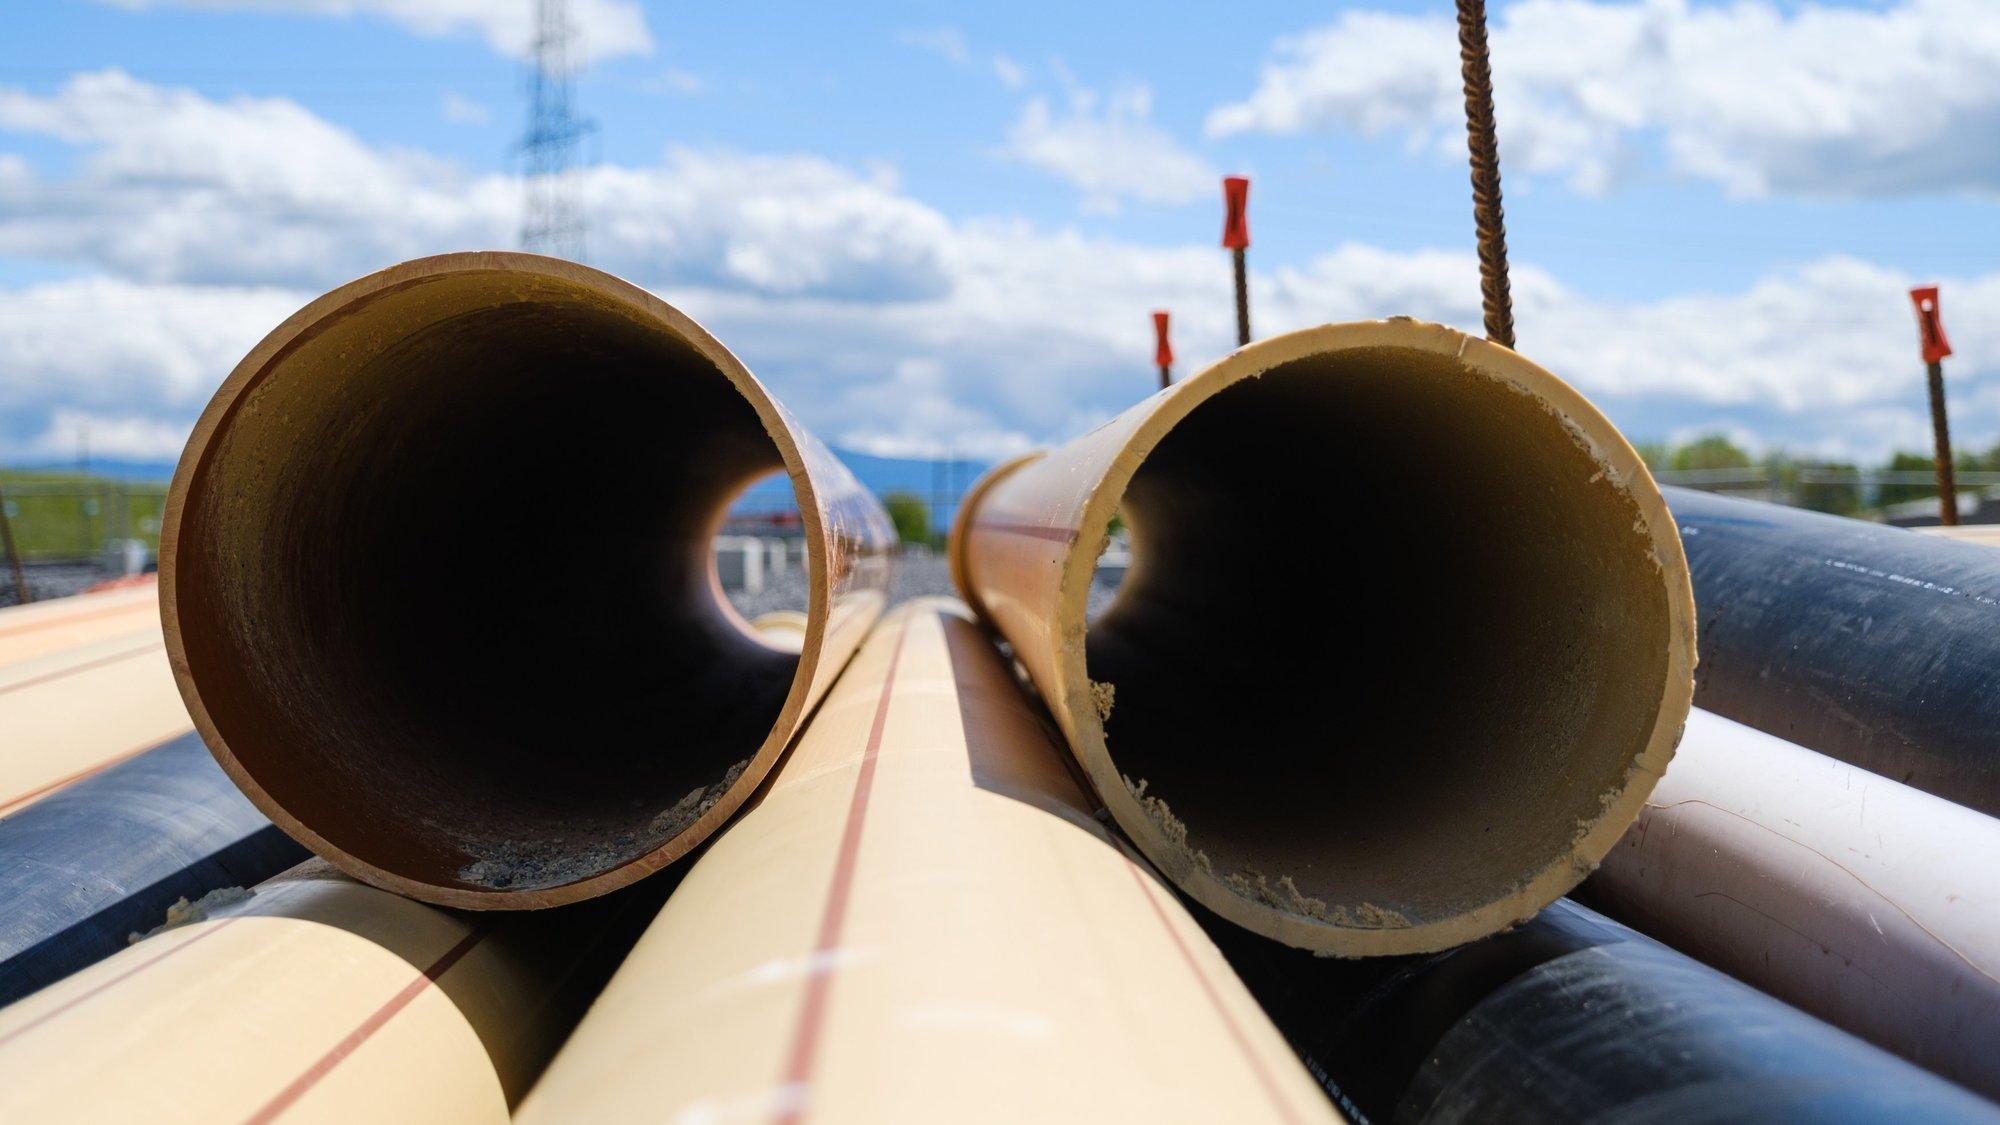 La pénurie de matériaux de construction touche notamment les tuyaux de canalisation.